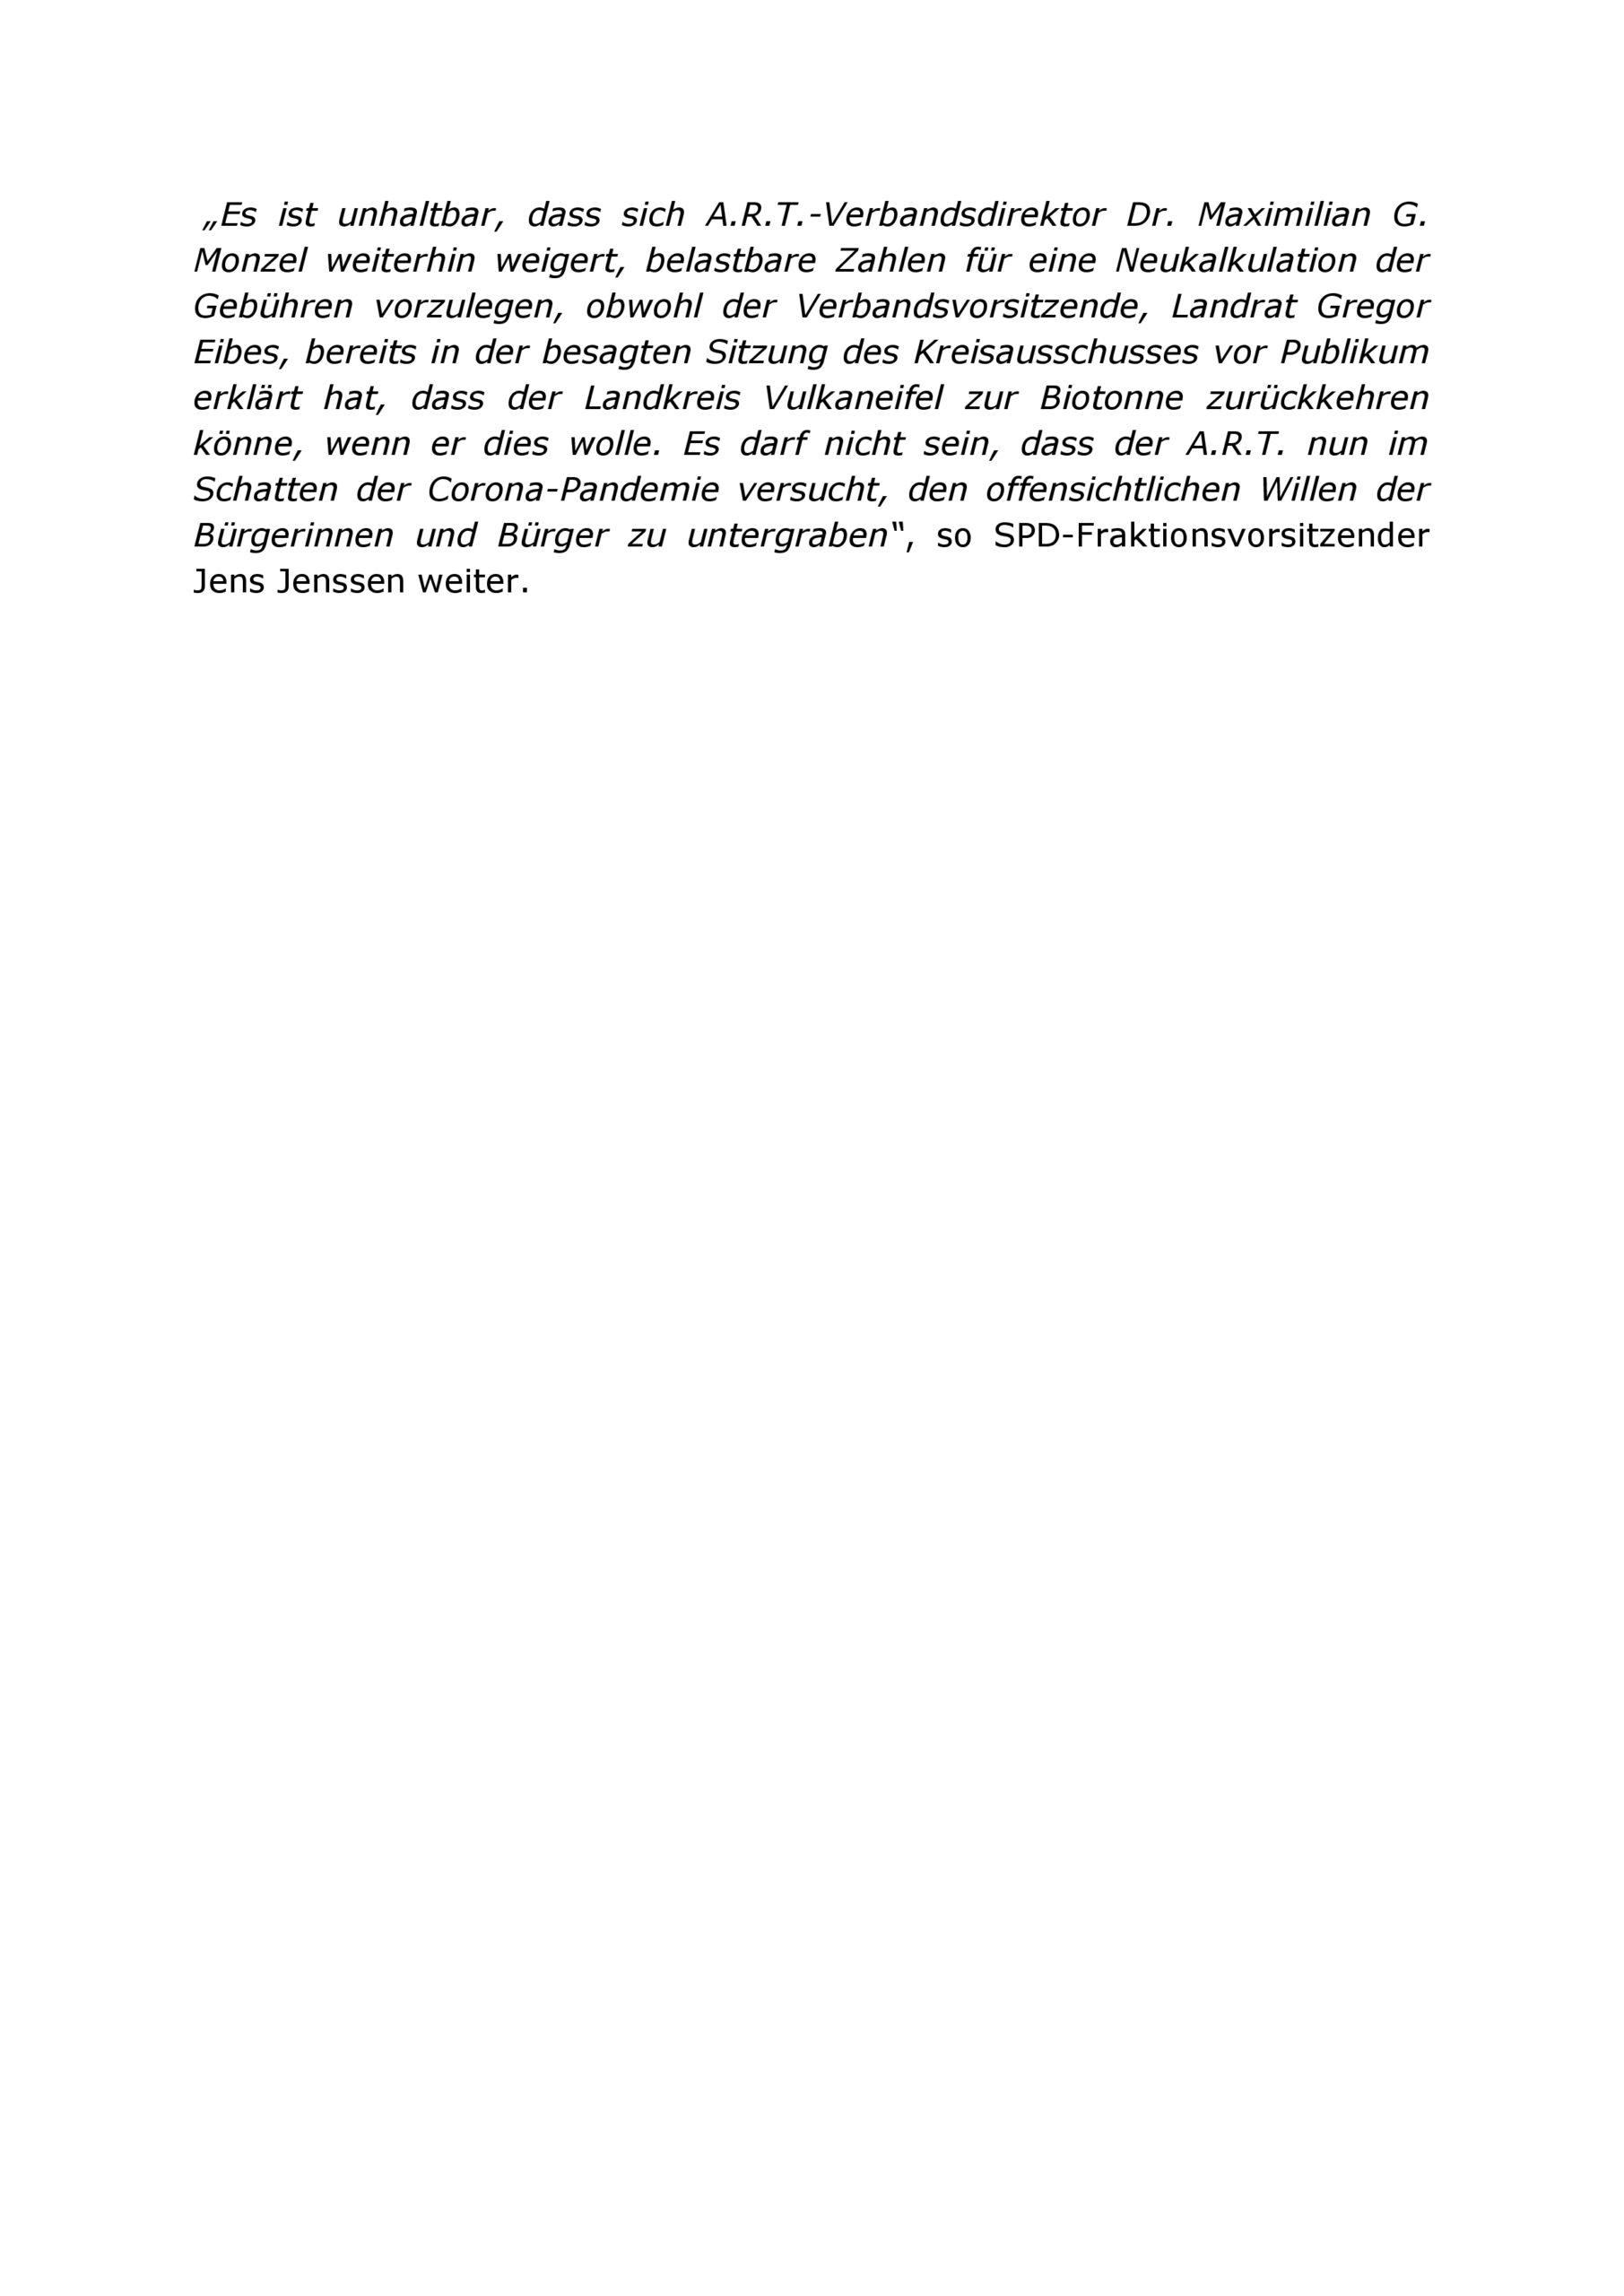 Wiedereinführung der Biotonne zum 1. Januar 2020 umsetzen__07.06.2020-002